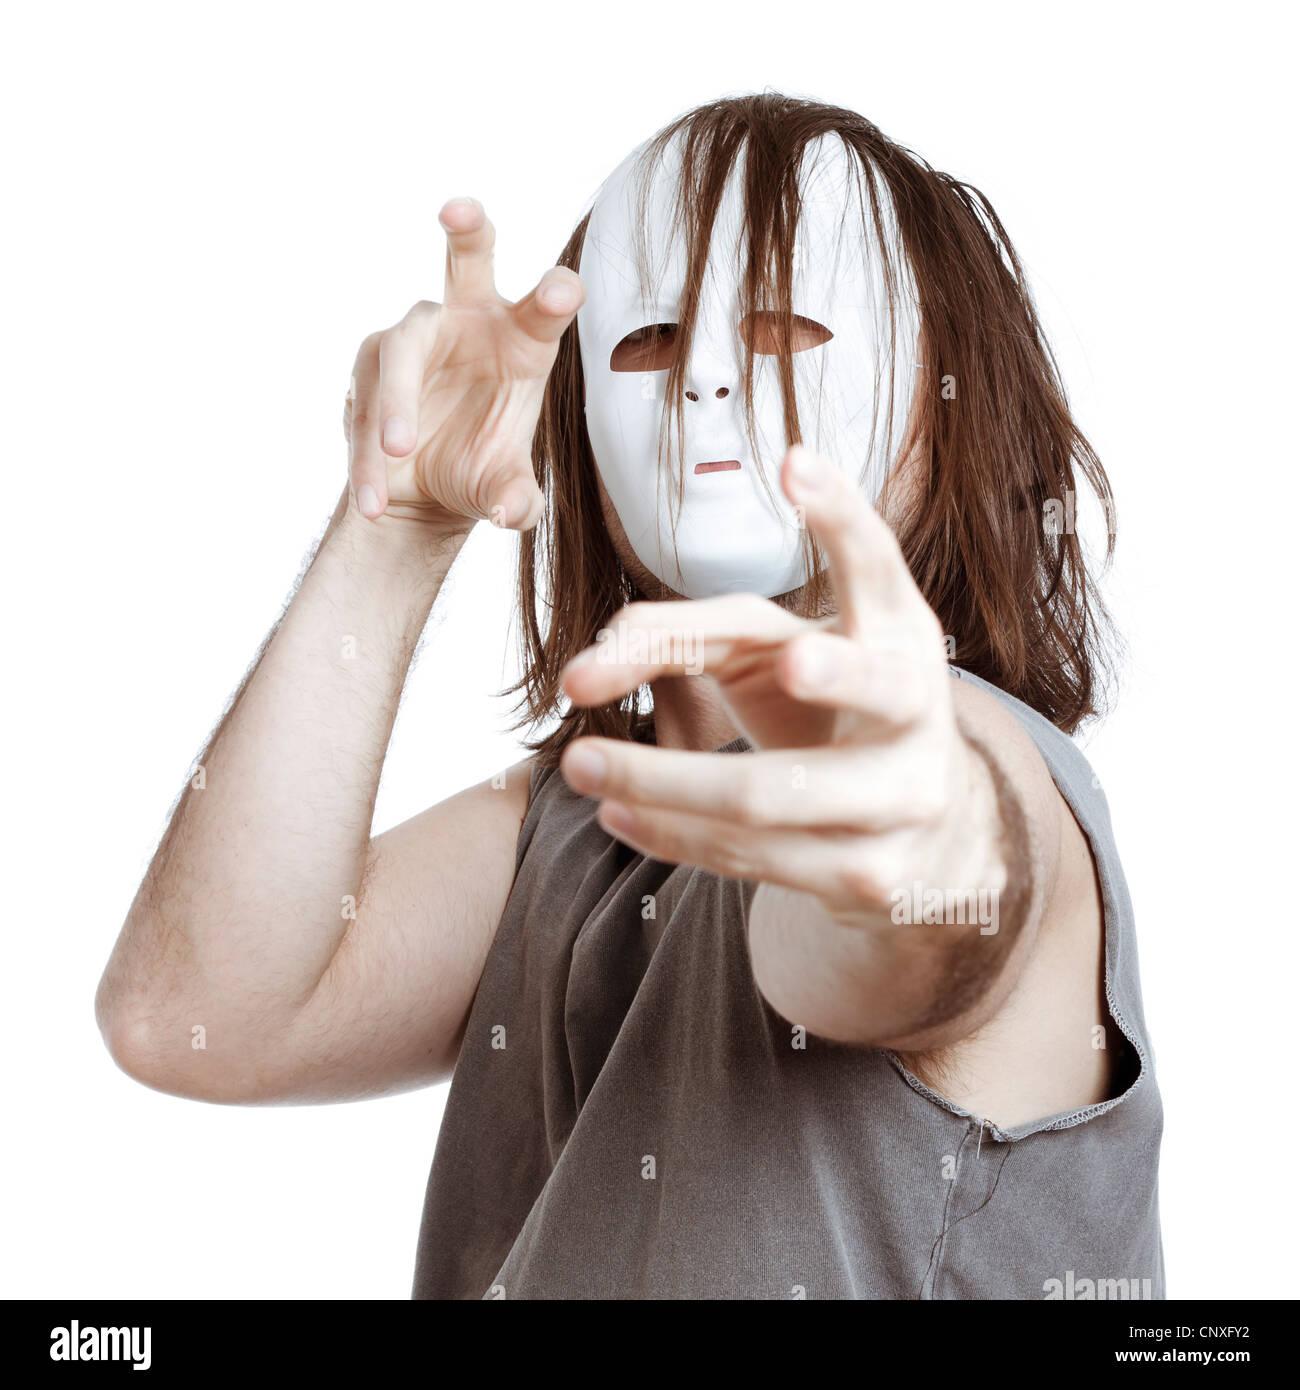 Wahnsinnige unheimlich maskierte gestikulieren, isoliert auf weißem Hintergrund. Stockbild